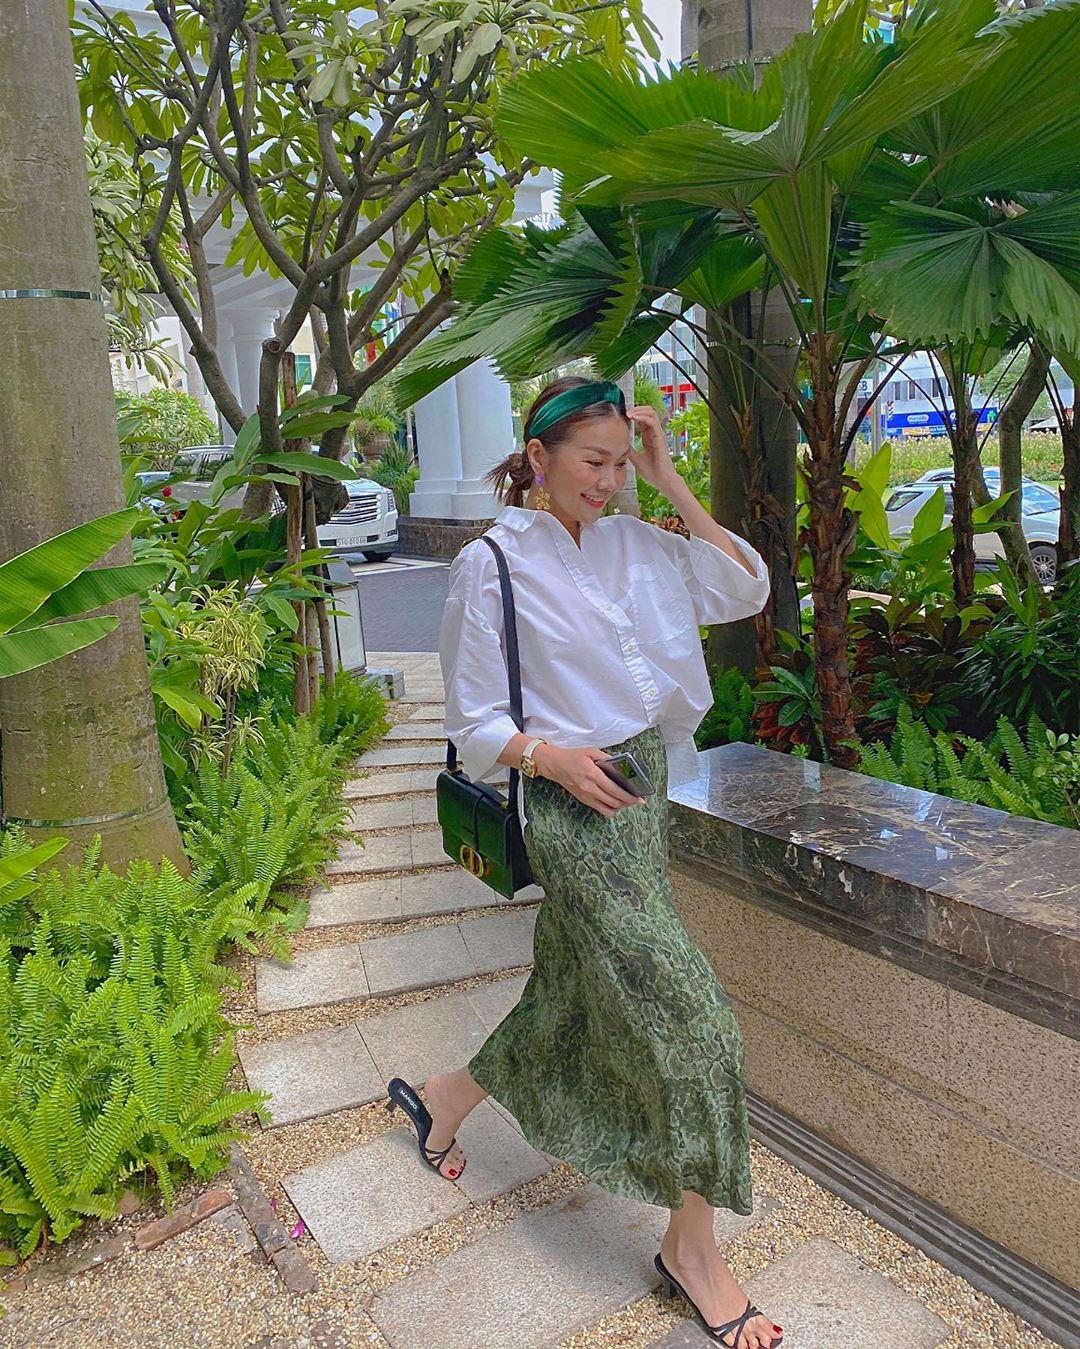 Siêu mẫu Thanh Hằng mang giày mules dây đen, váy suông xanh lá, sơ mi trắng